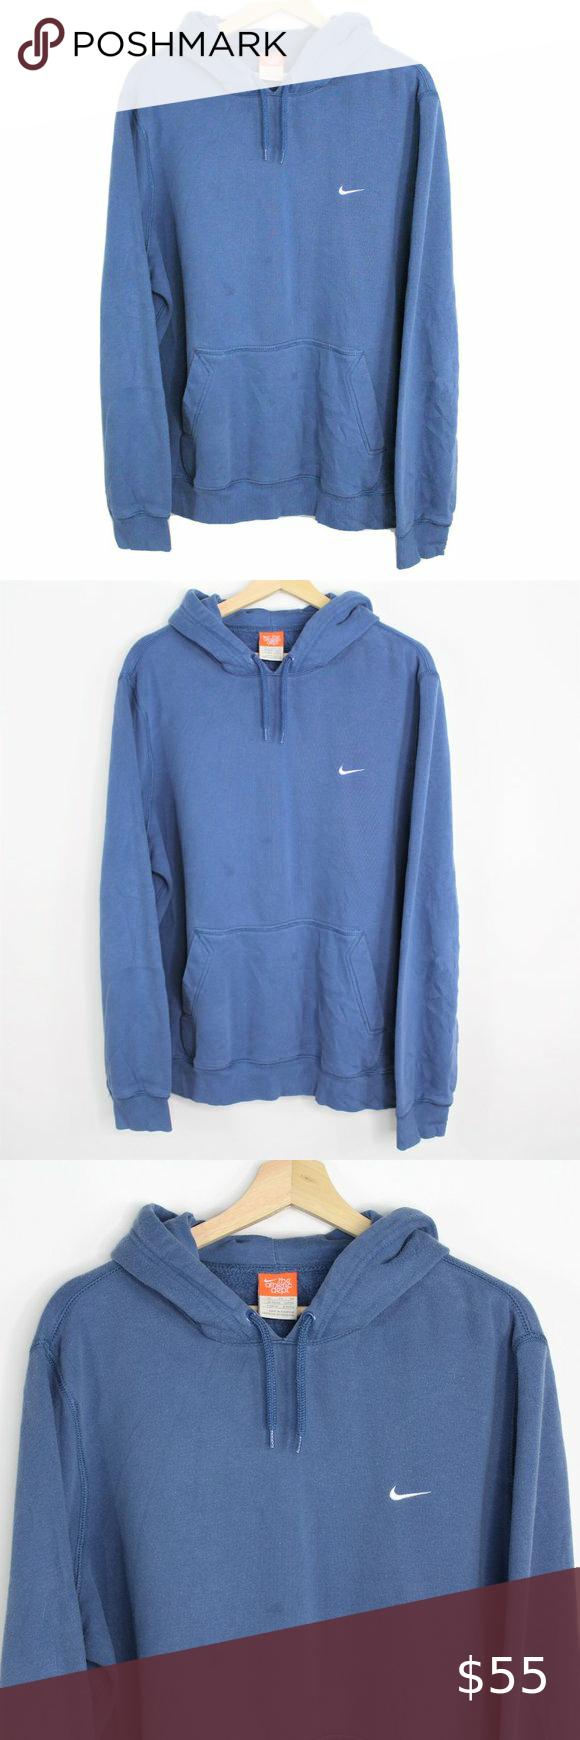 Vintage Nike Athletic Dept Side Swoosh Hoodie Xl Vintage Nike Sweatshirts Hoodie Nike Shirts [ 1740 x 580 Pixel ]